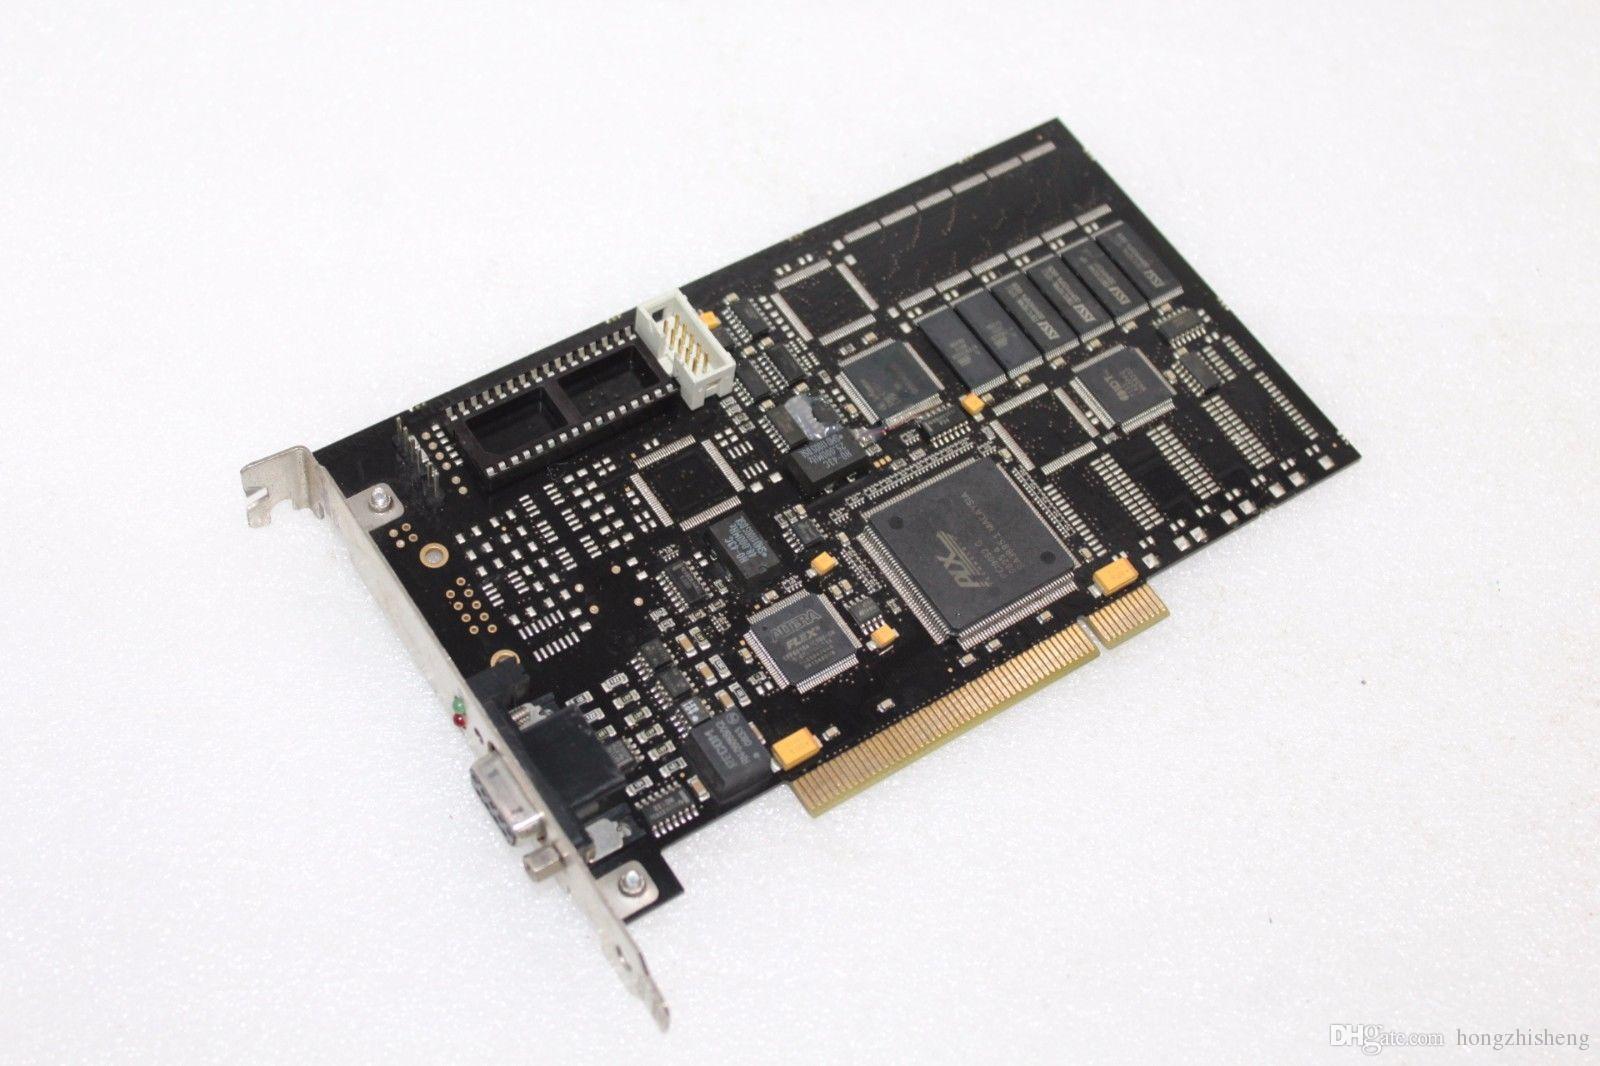 Промышленное оборудование доска БЕКХОФФ FC3101 FC3101_4 слота PCI Profibus с карты